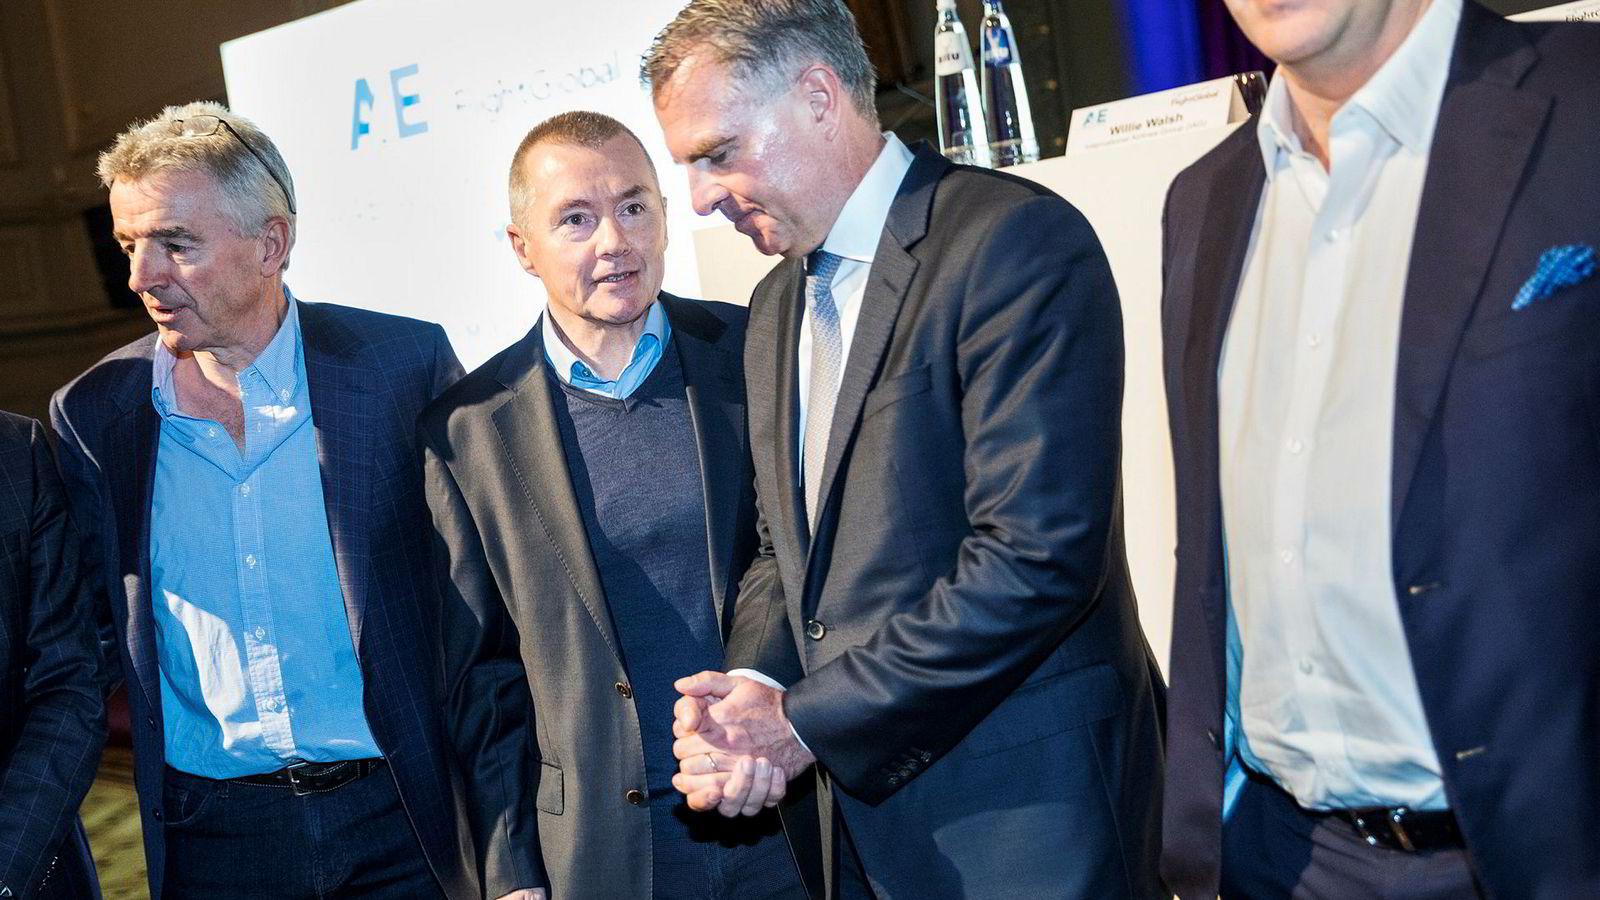 IAGS toppsjef Willie Walsh (nummer to fra venstre) sier uroen rundt brexit ikke påvirket beslutningen om å gi opp kjøpet av Norwegian. Onsdag var han i Brussel med blant annet Ryanair-sjef Michael O'Leary (fra venstre), Lufthansa-sjef Carsten Spohr og Easyjet-sjef Johan Lundgren.